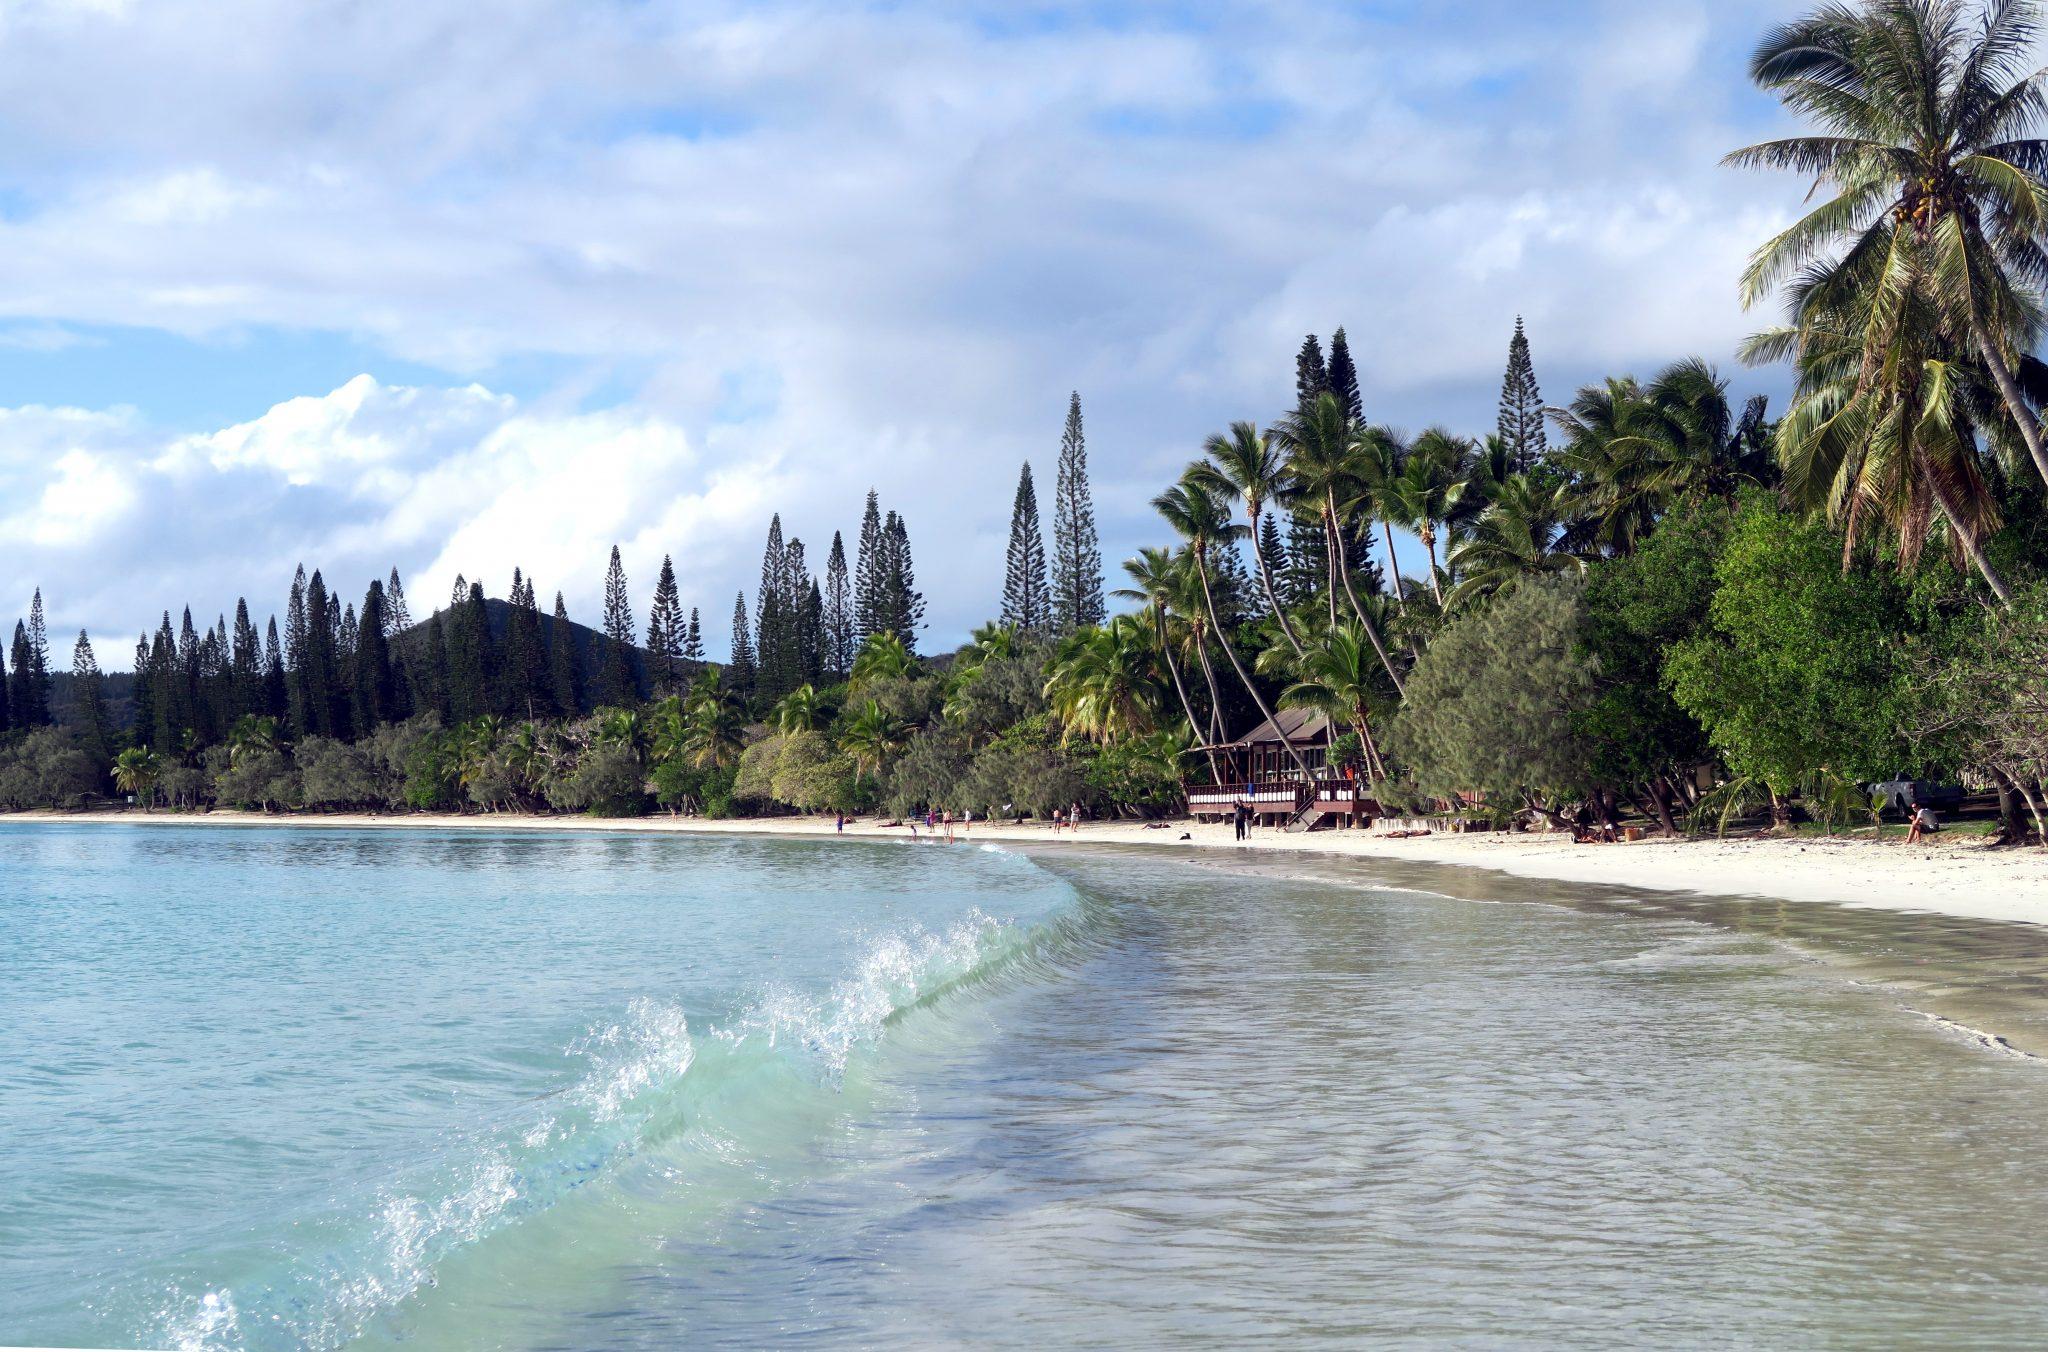 Kuto beach Isle of Pines New Caledonia